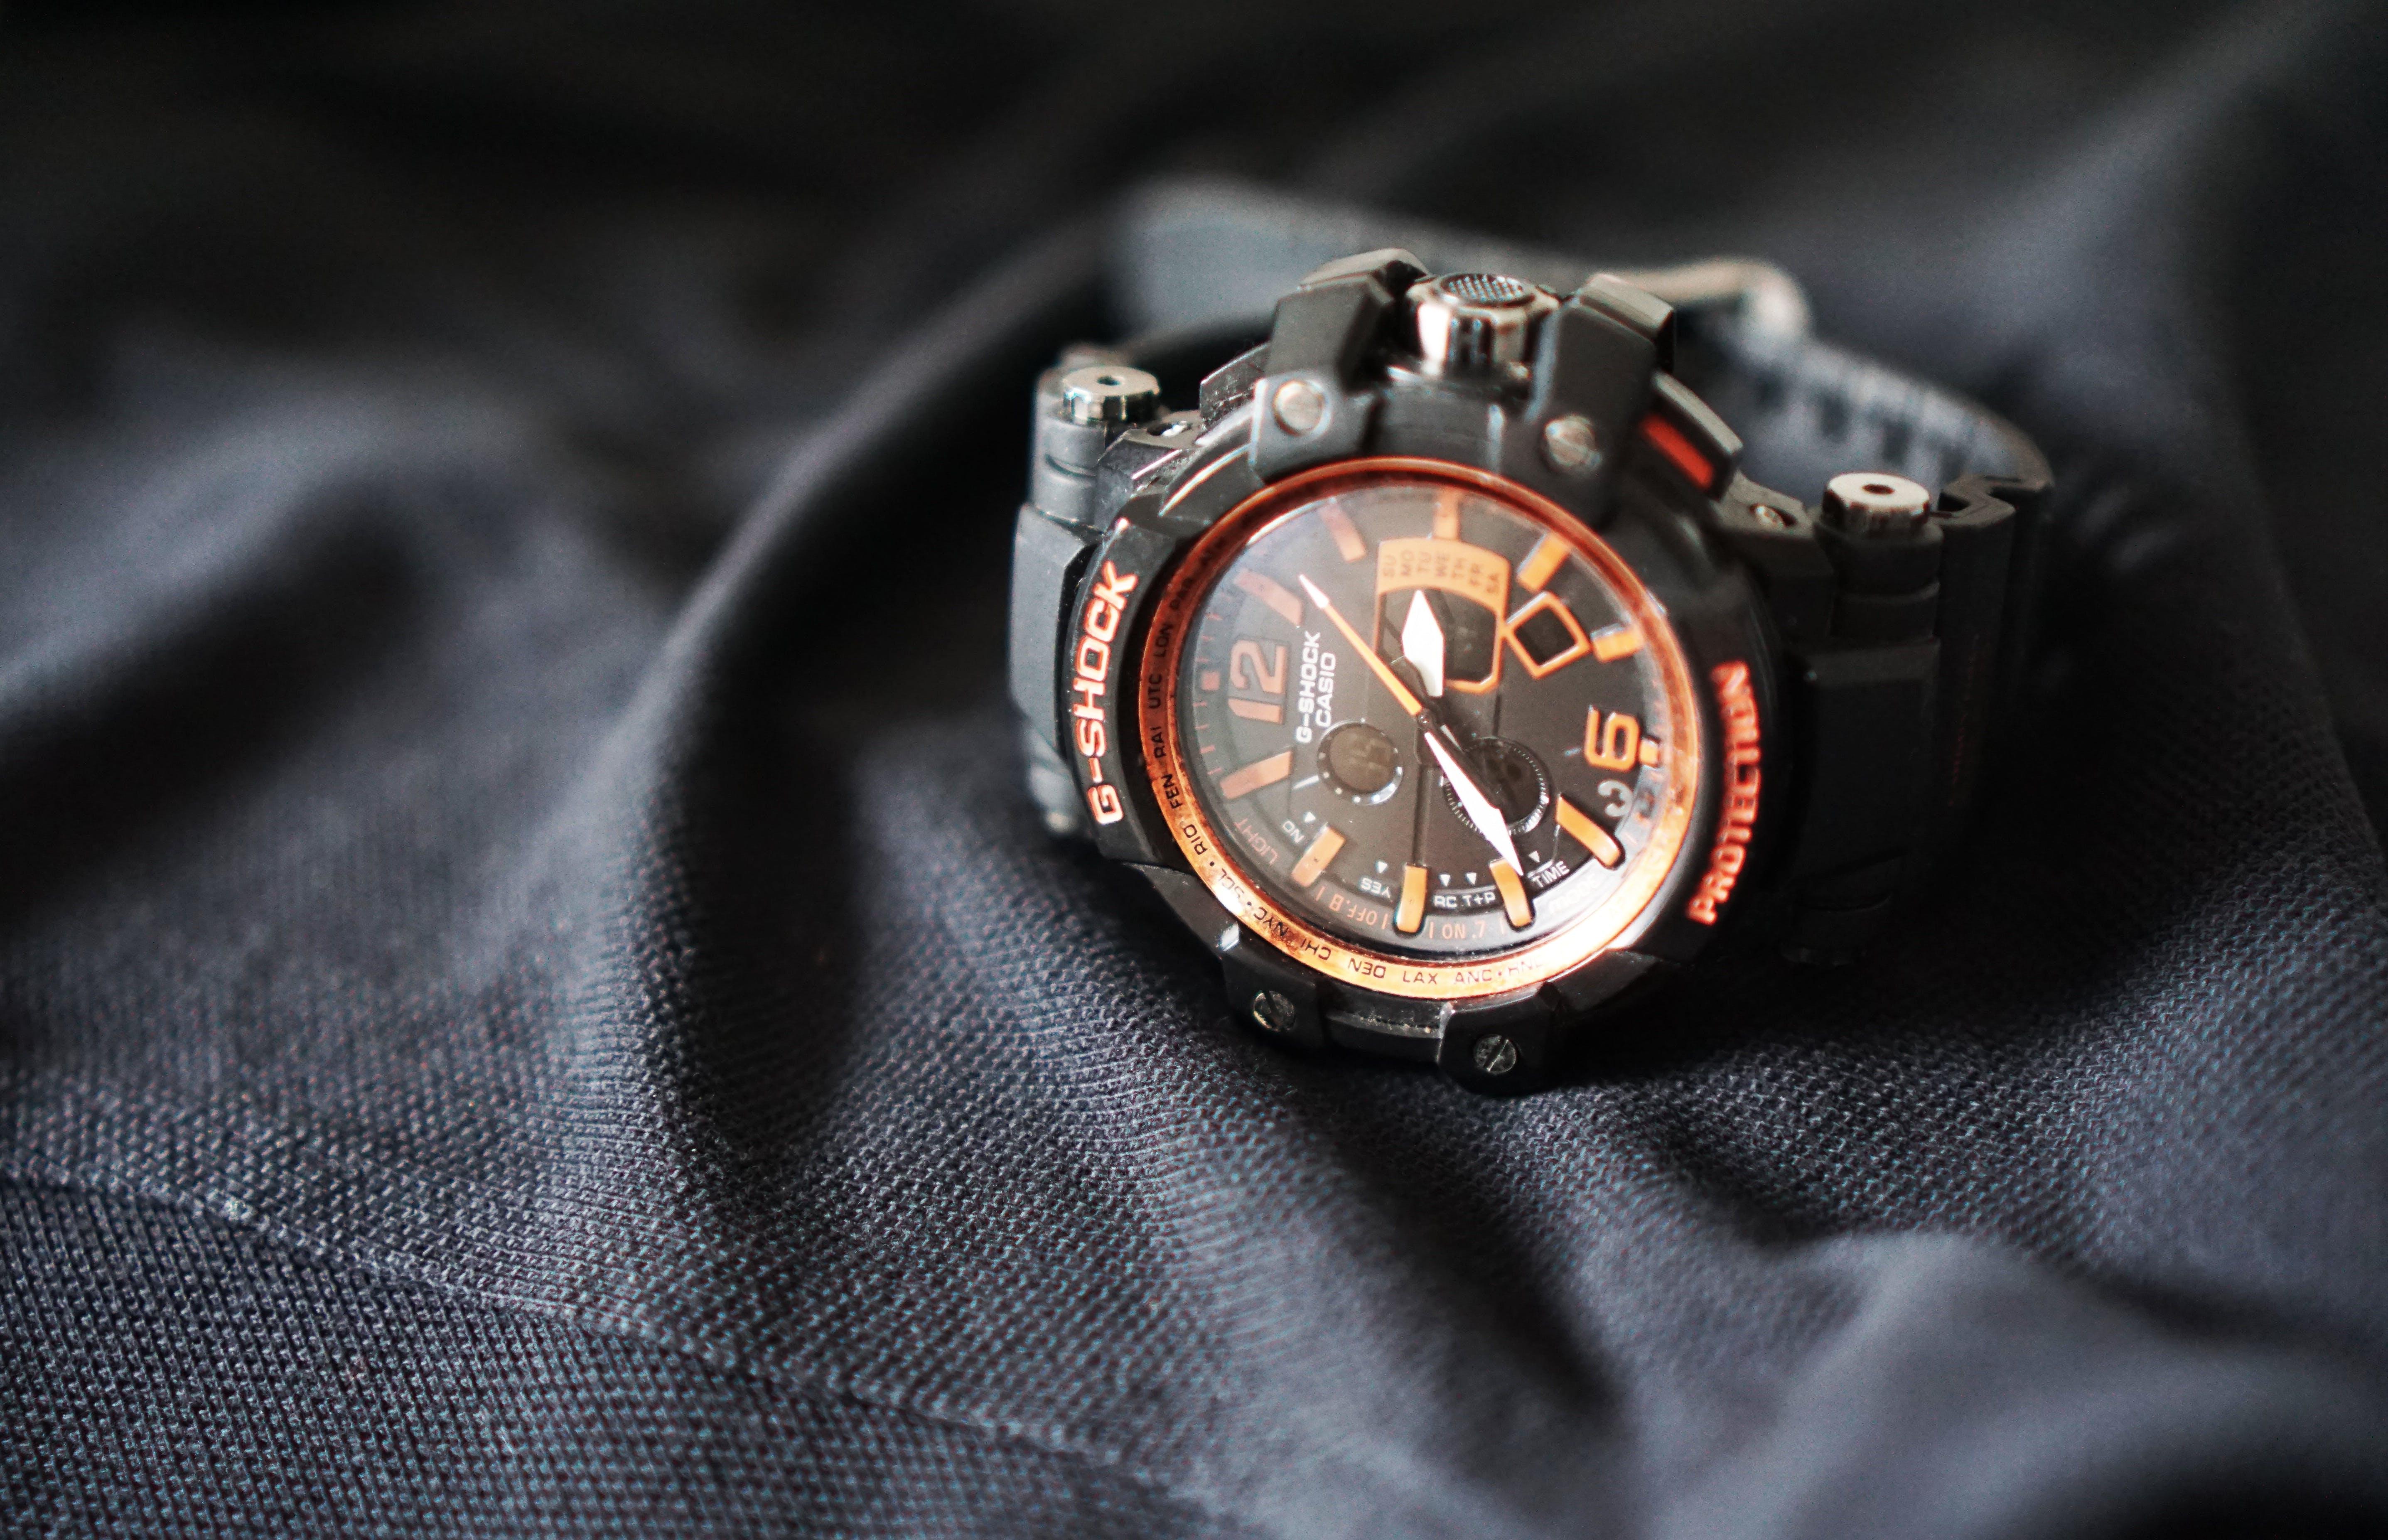 Casio G Shock Black Leather Strap Round Bezel Chronograph Watch